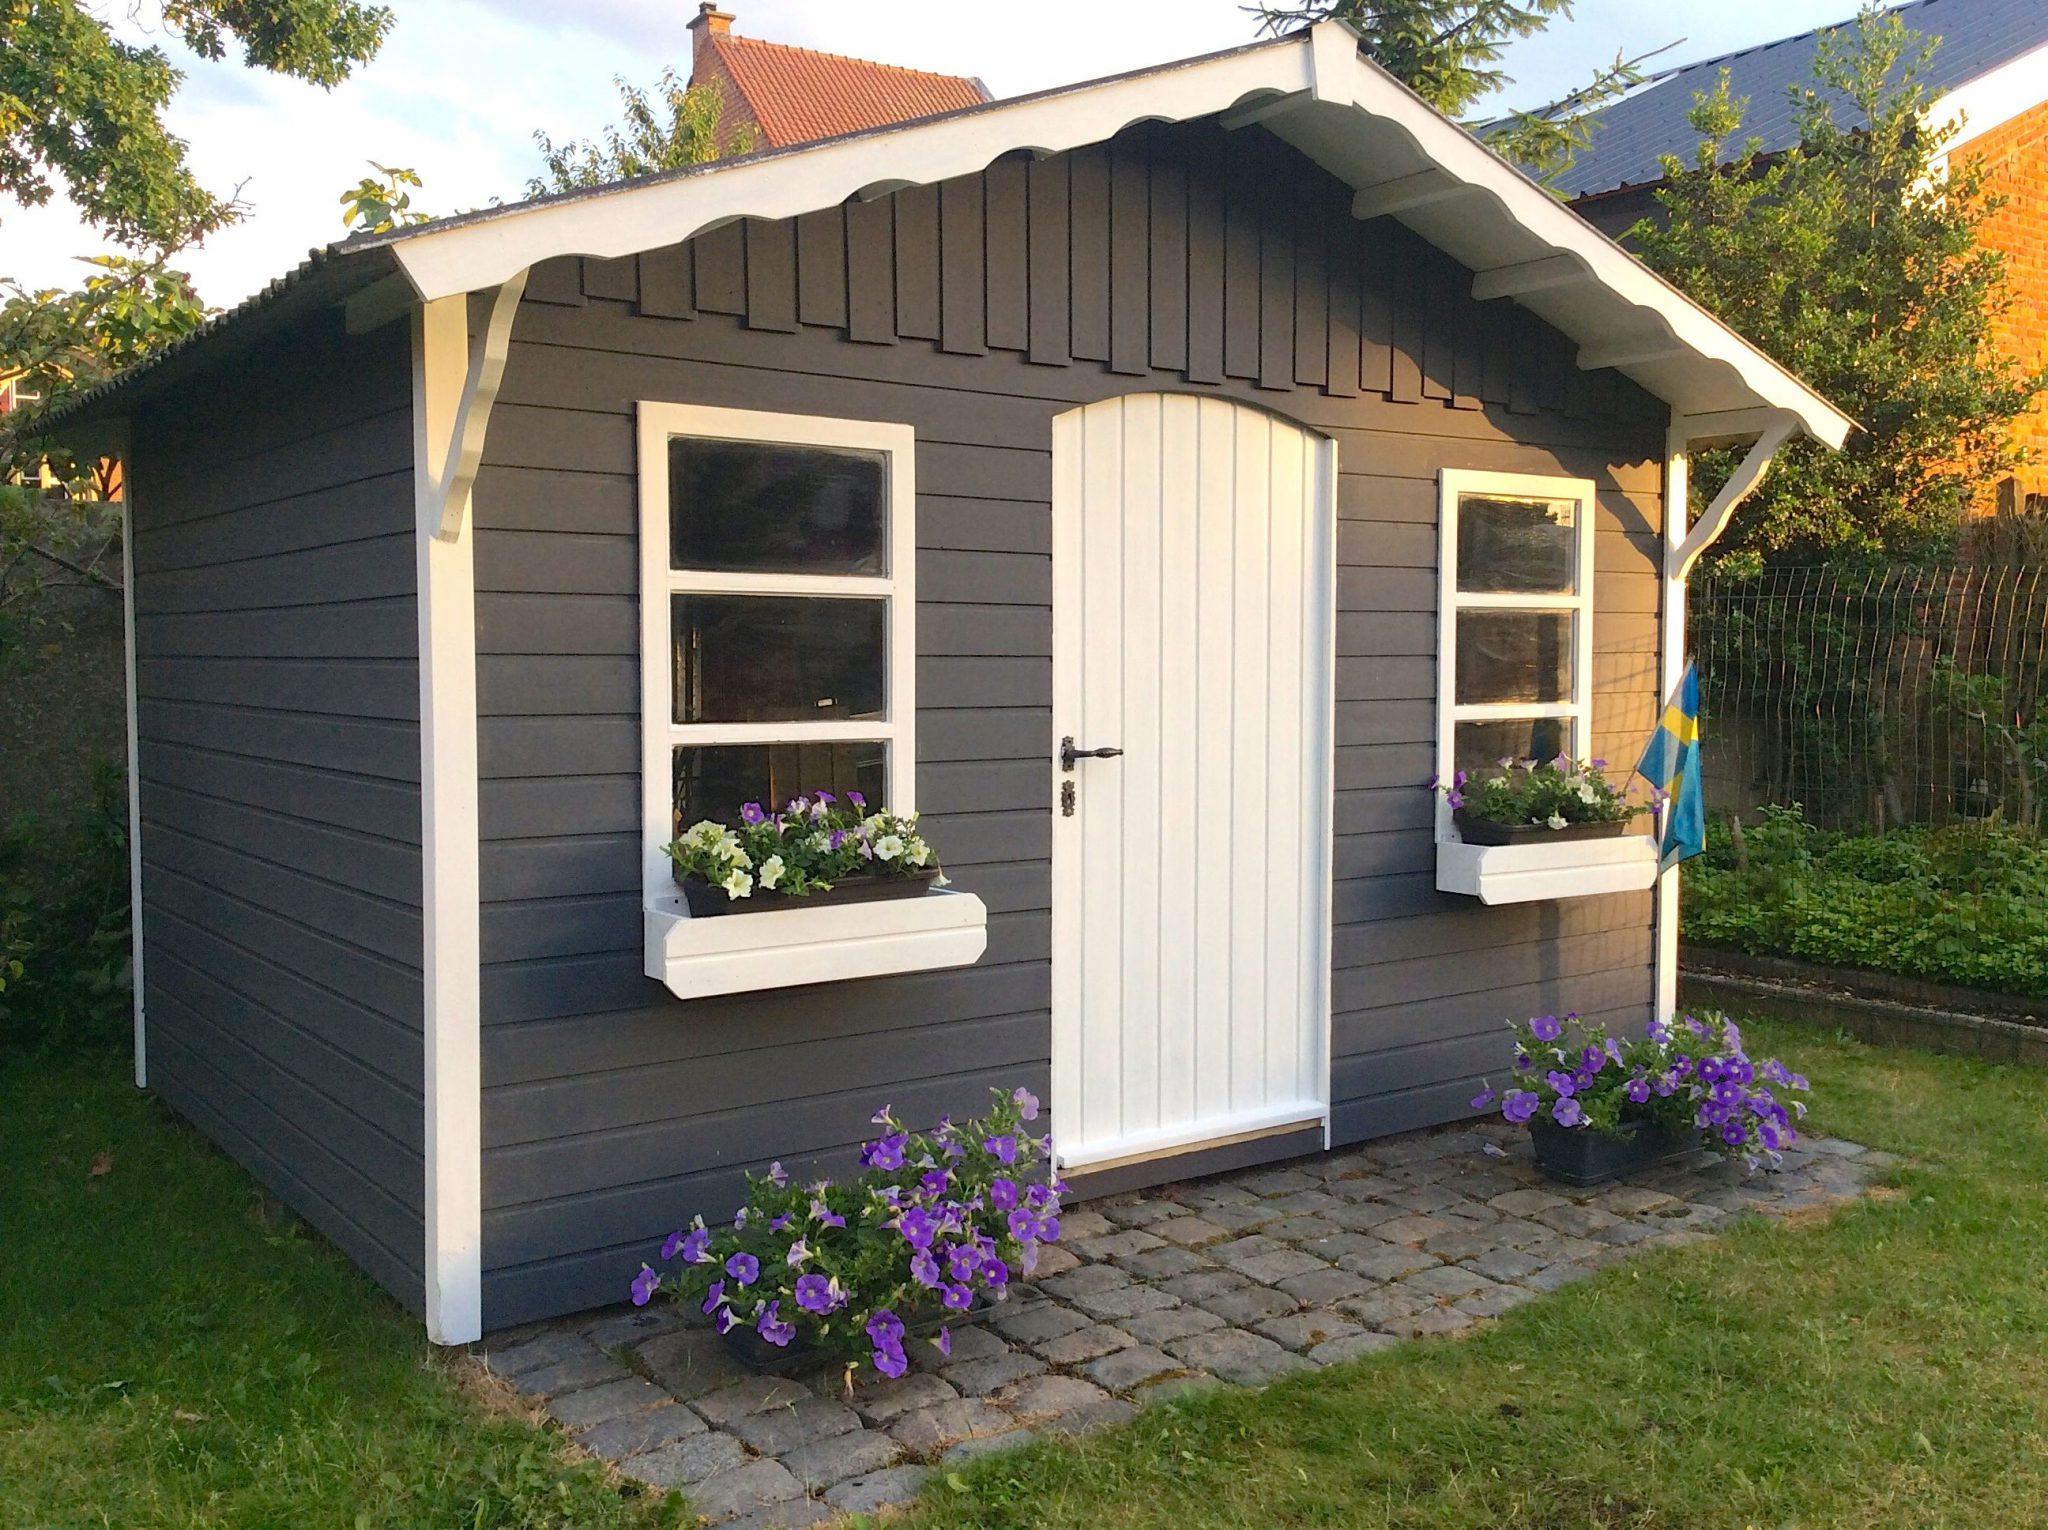 Tuinhuisje schilderen: stukje Zweden in mijn tuin